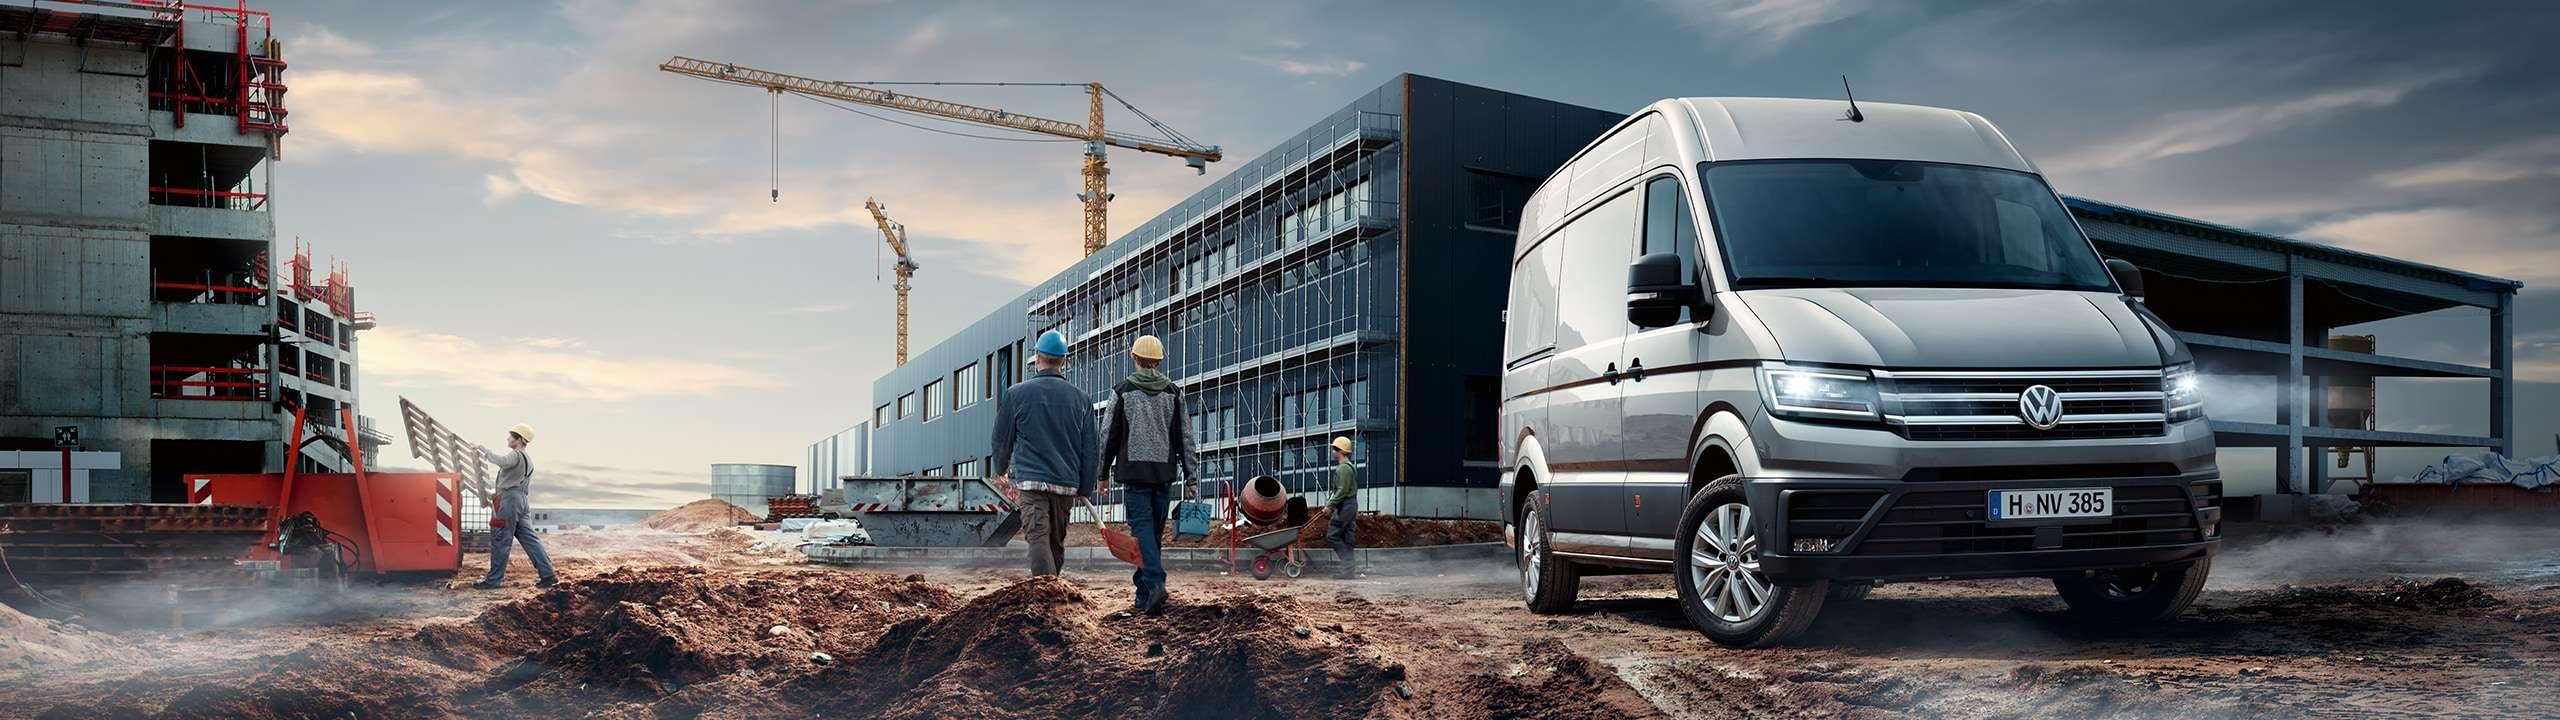 Volkswagen Crafter auf einer Baustelle